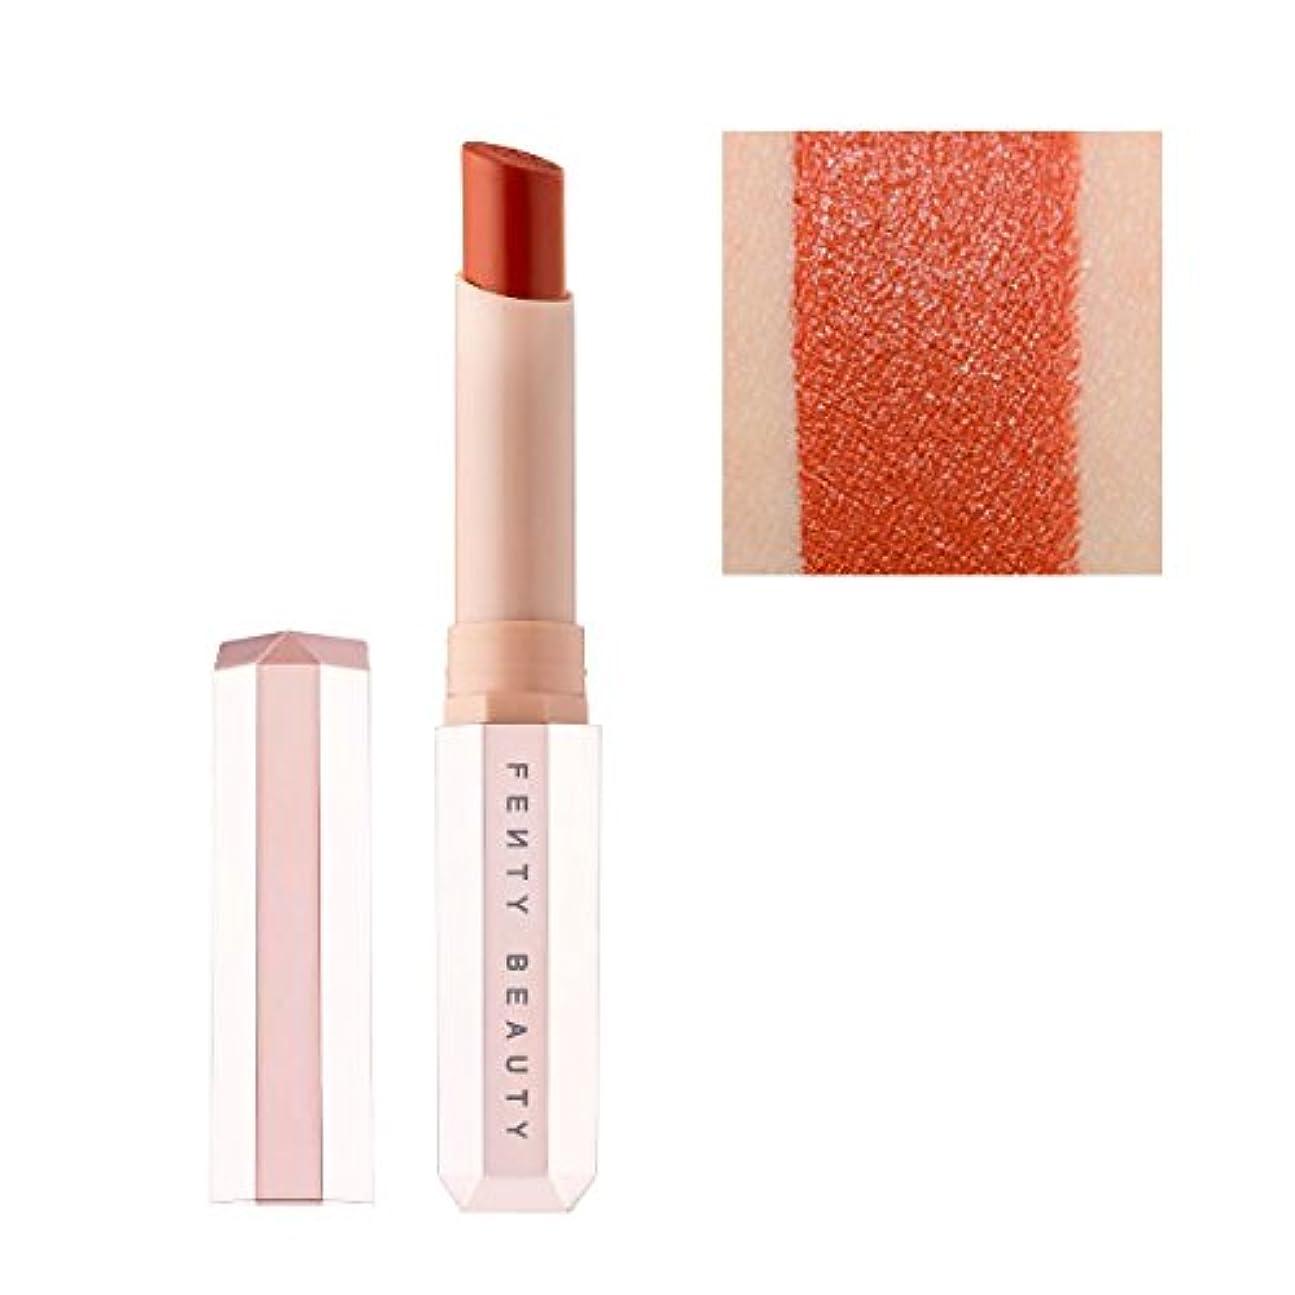 FENTY BEAUTY BY RIHANNA Mattemoiselle Plush Matte Lipstick - Freckle Fiesta [海外直送品] [並行輸入品]